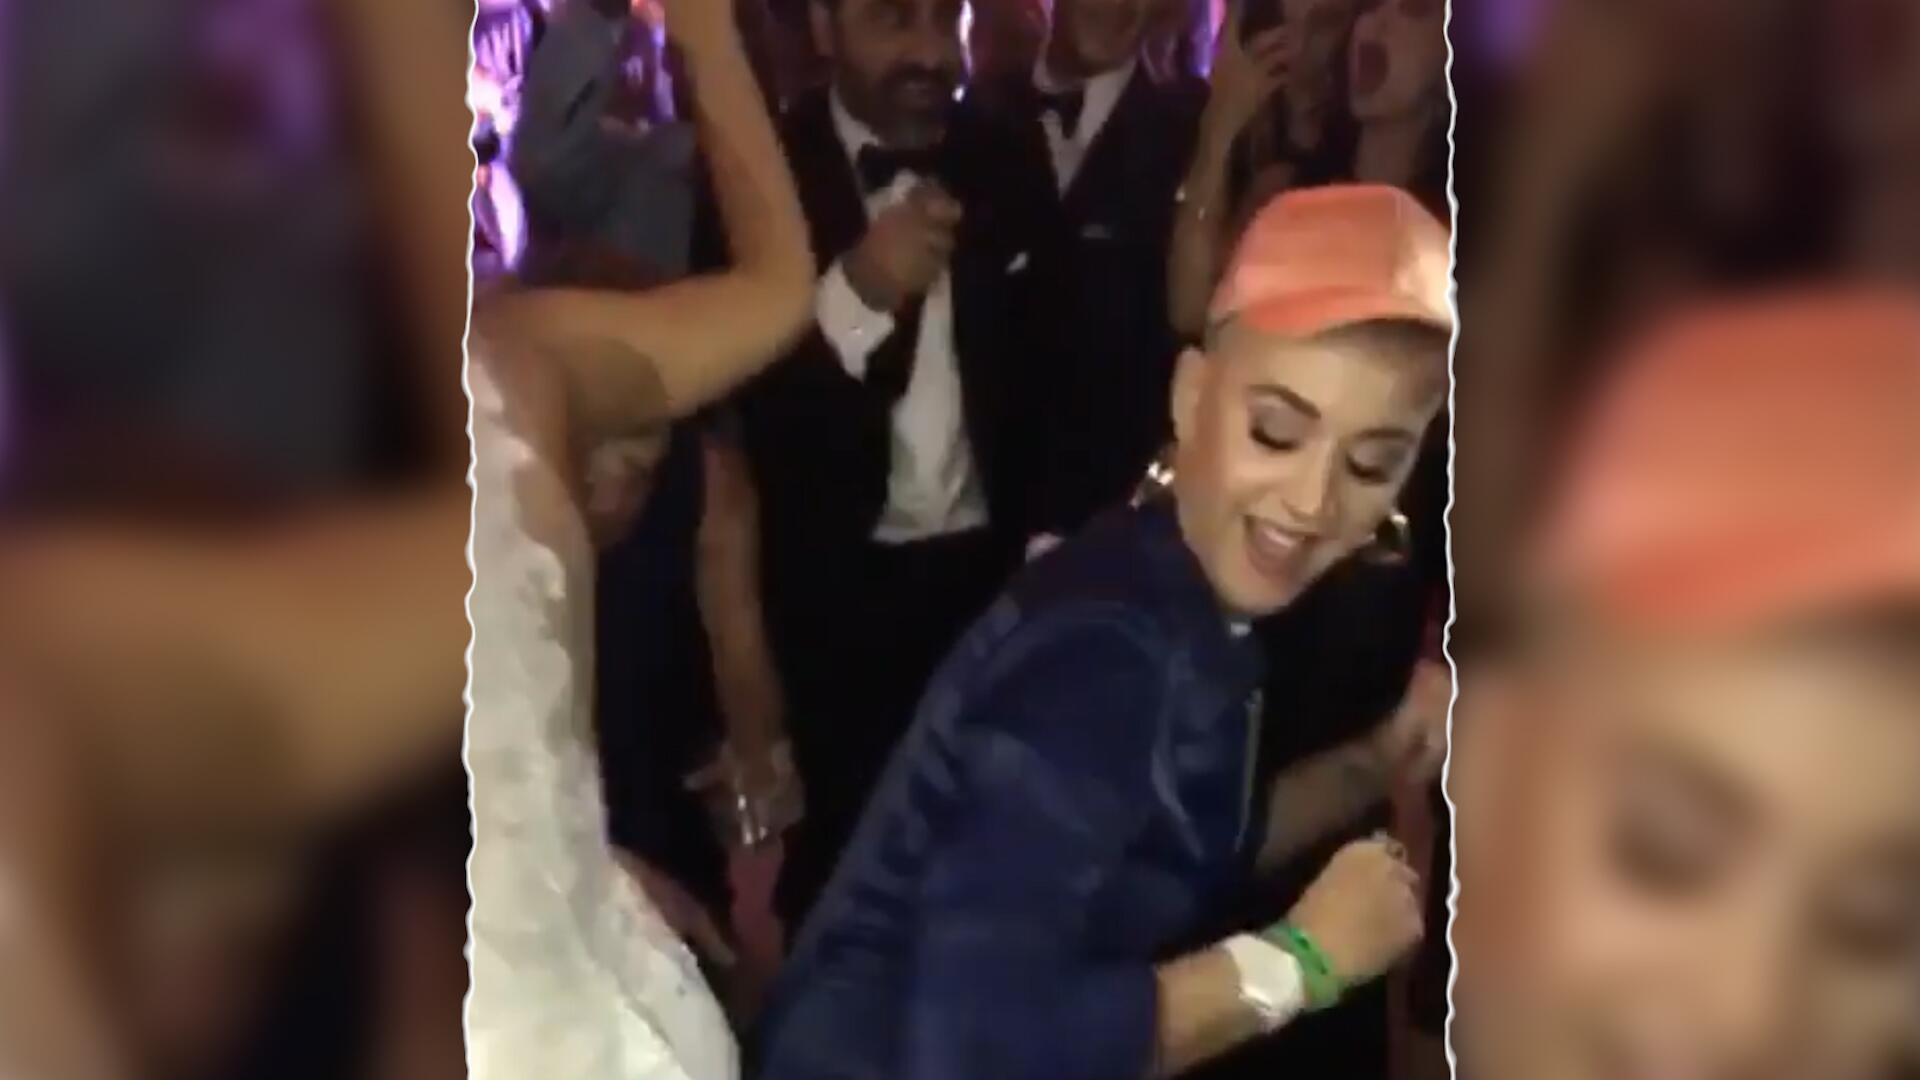 Bild zu Party mit dem Brautpaar – Katy Perry crasht Hochzeitsfeier